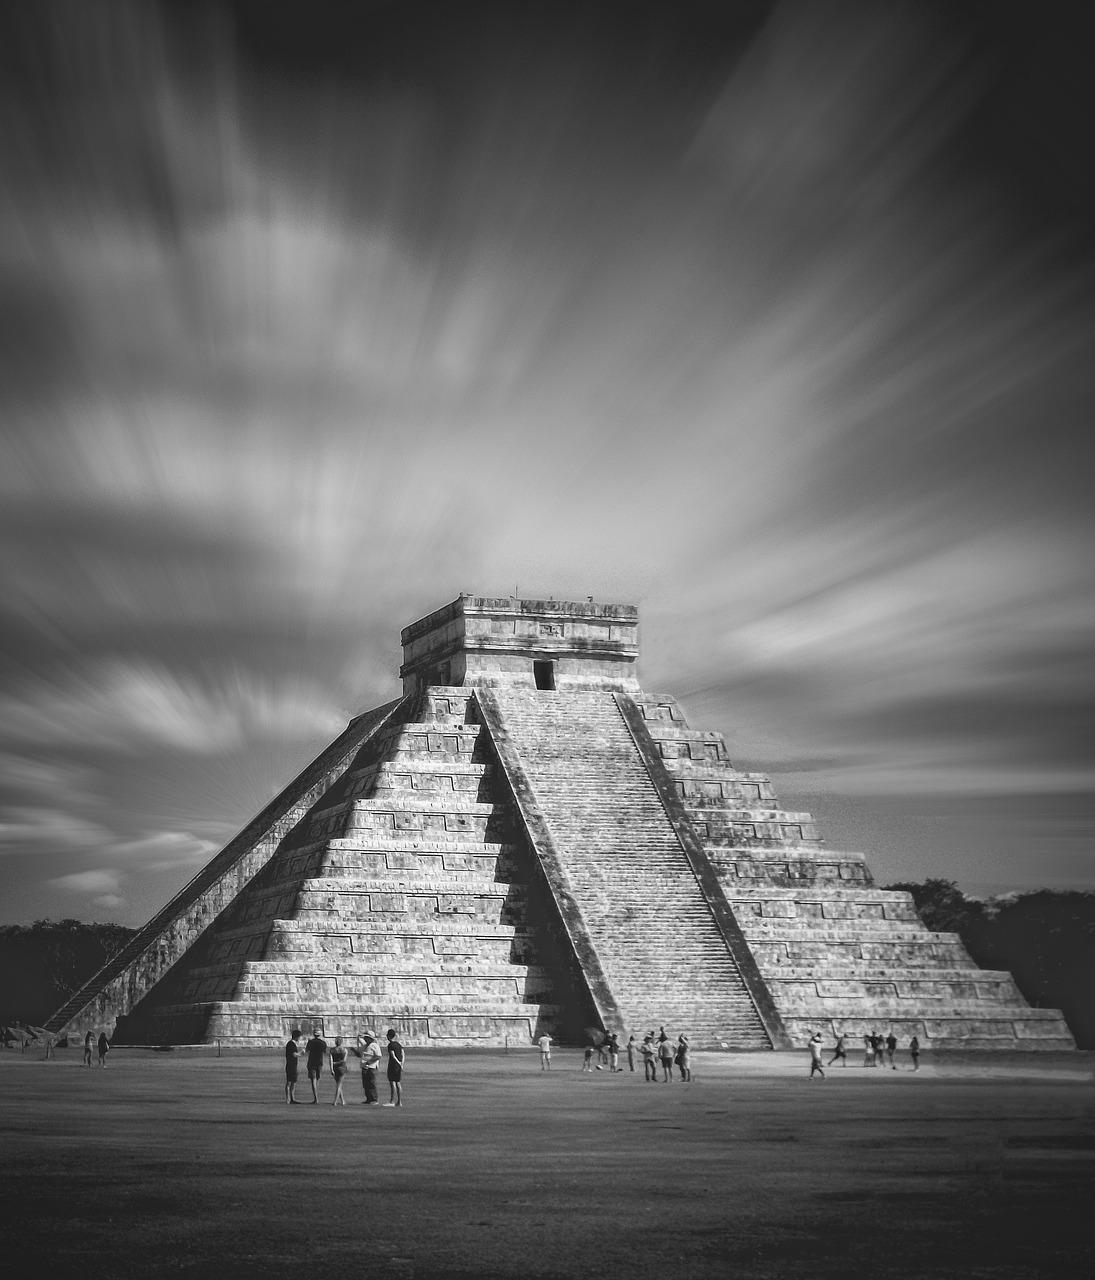 пирамиды майя картинки катамаран пенопласта непотопляем